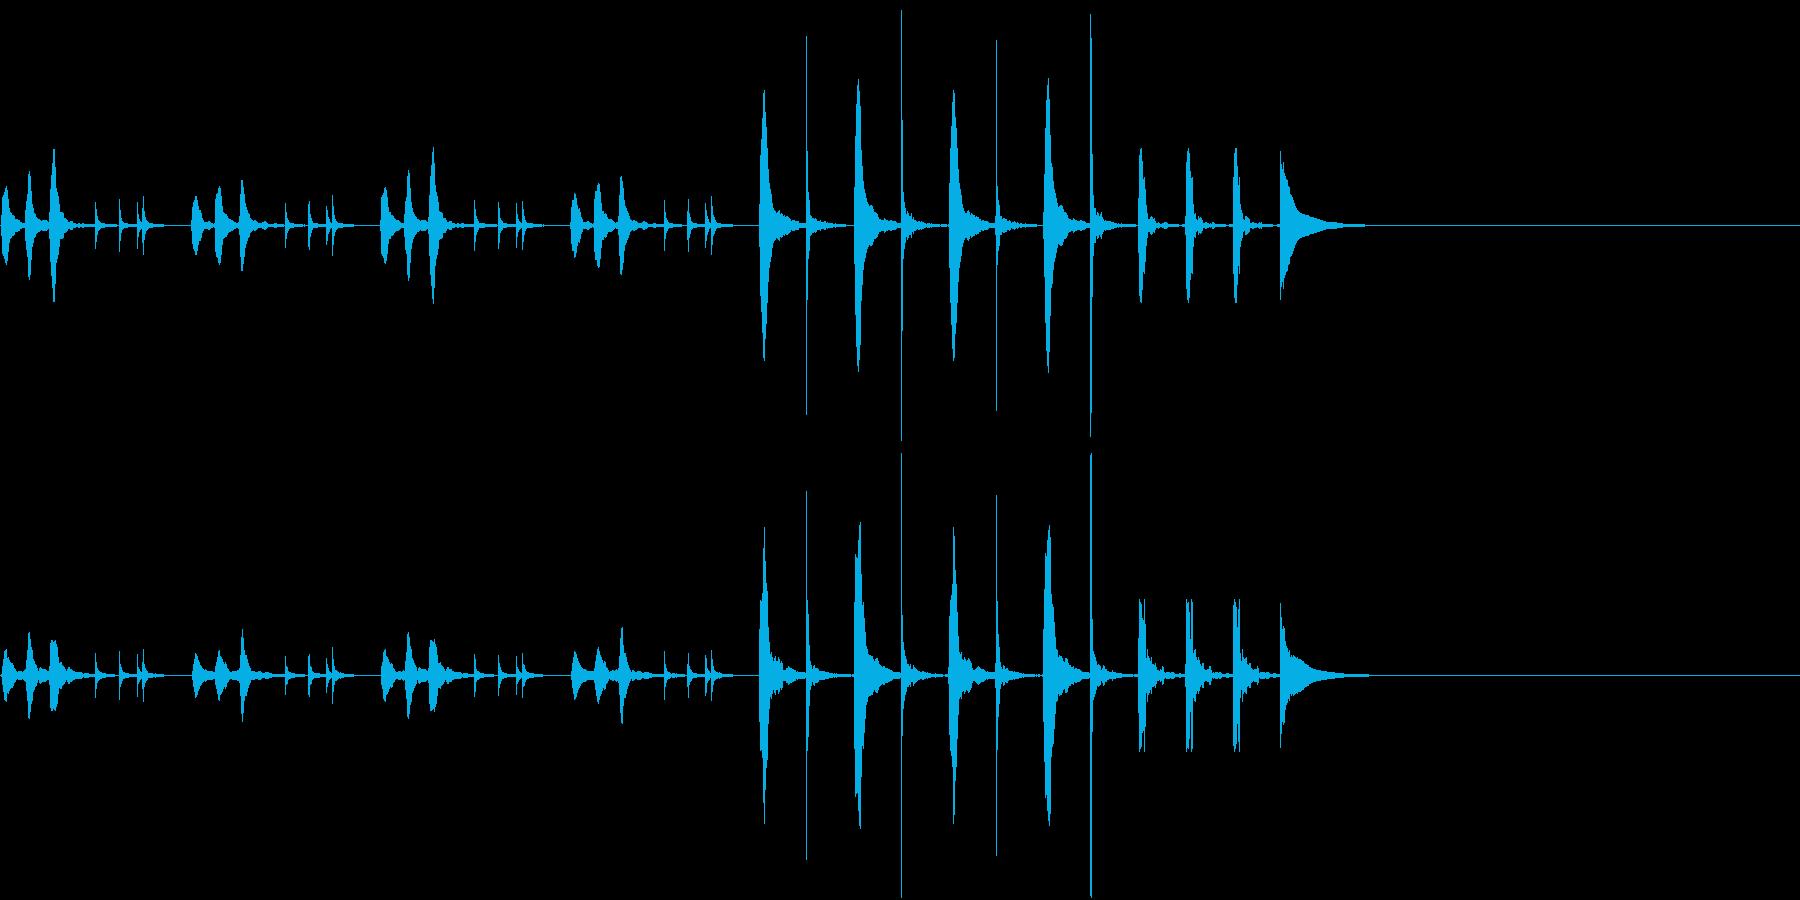 のんびりとしたような日常で流れるBGMの再生済みの波形